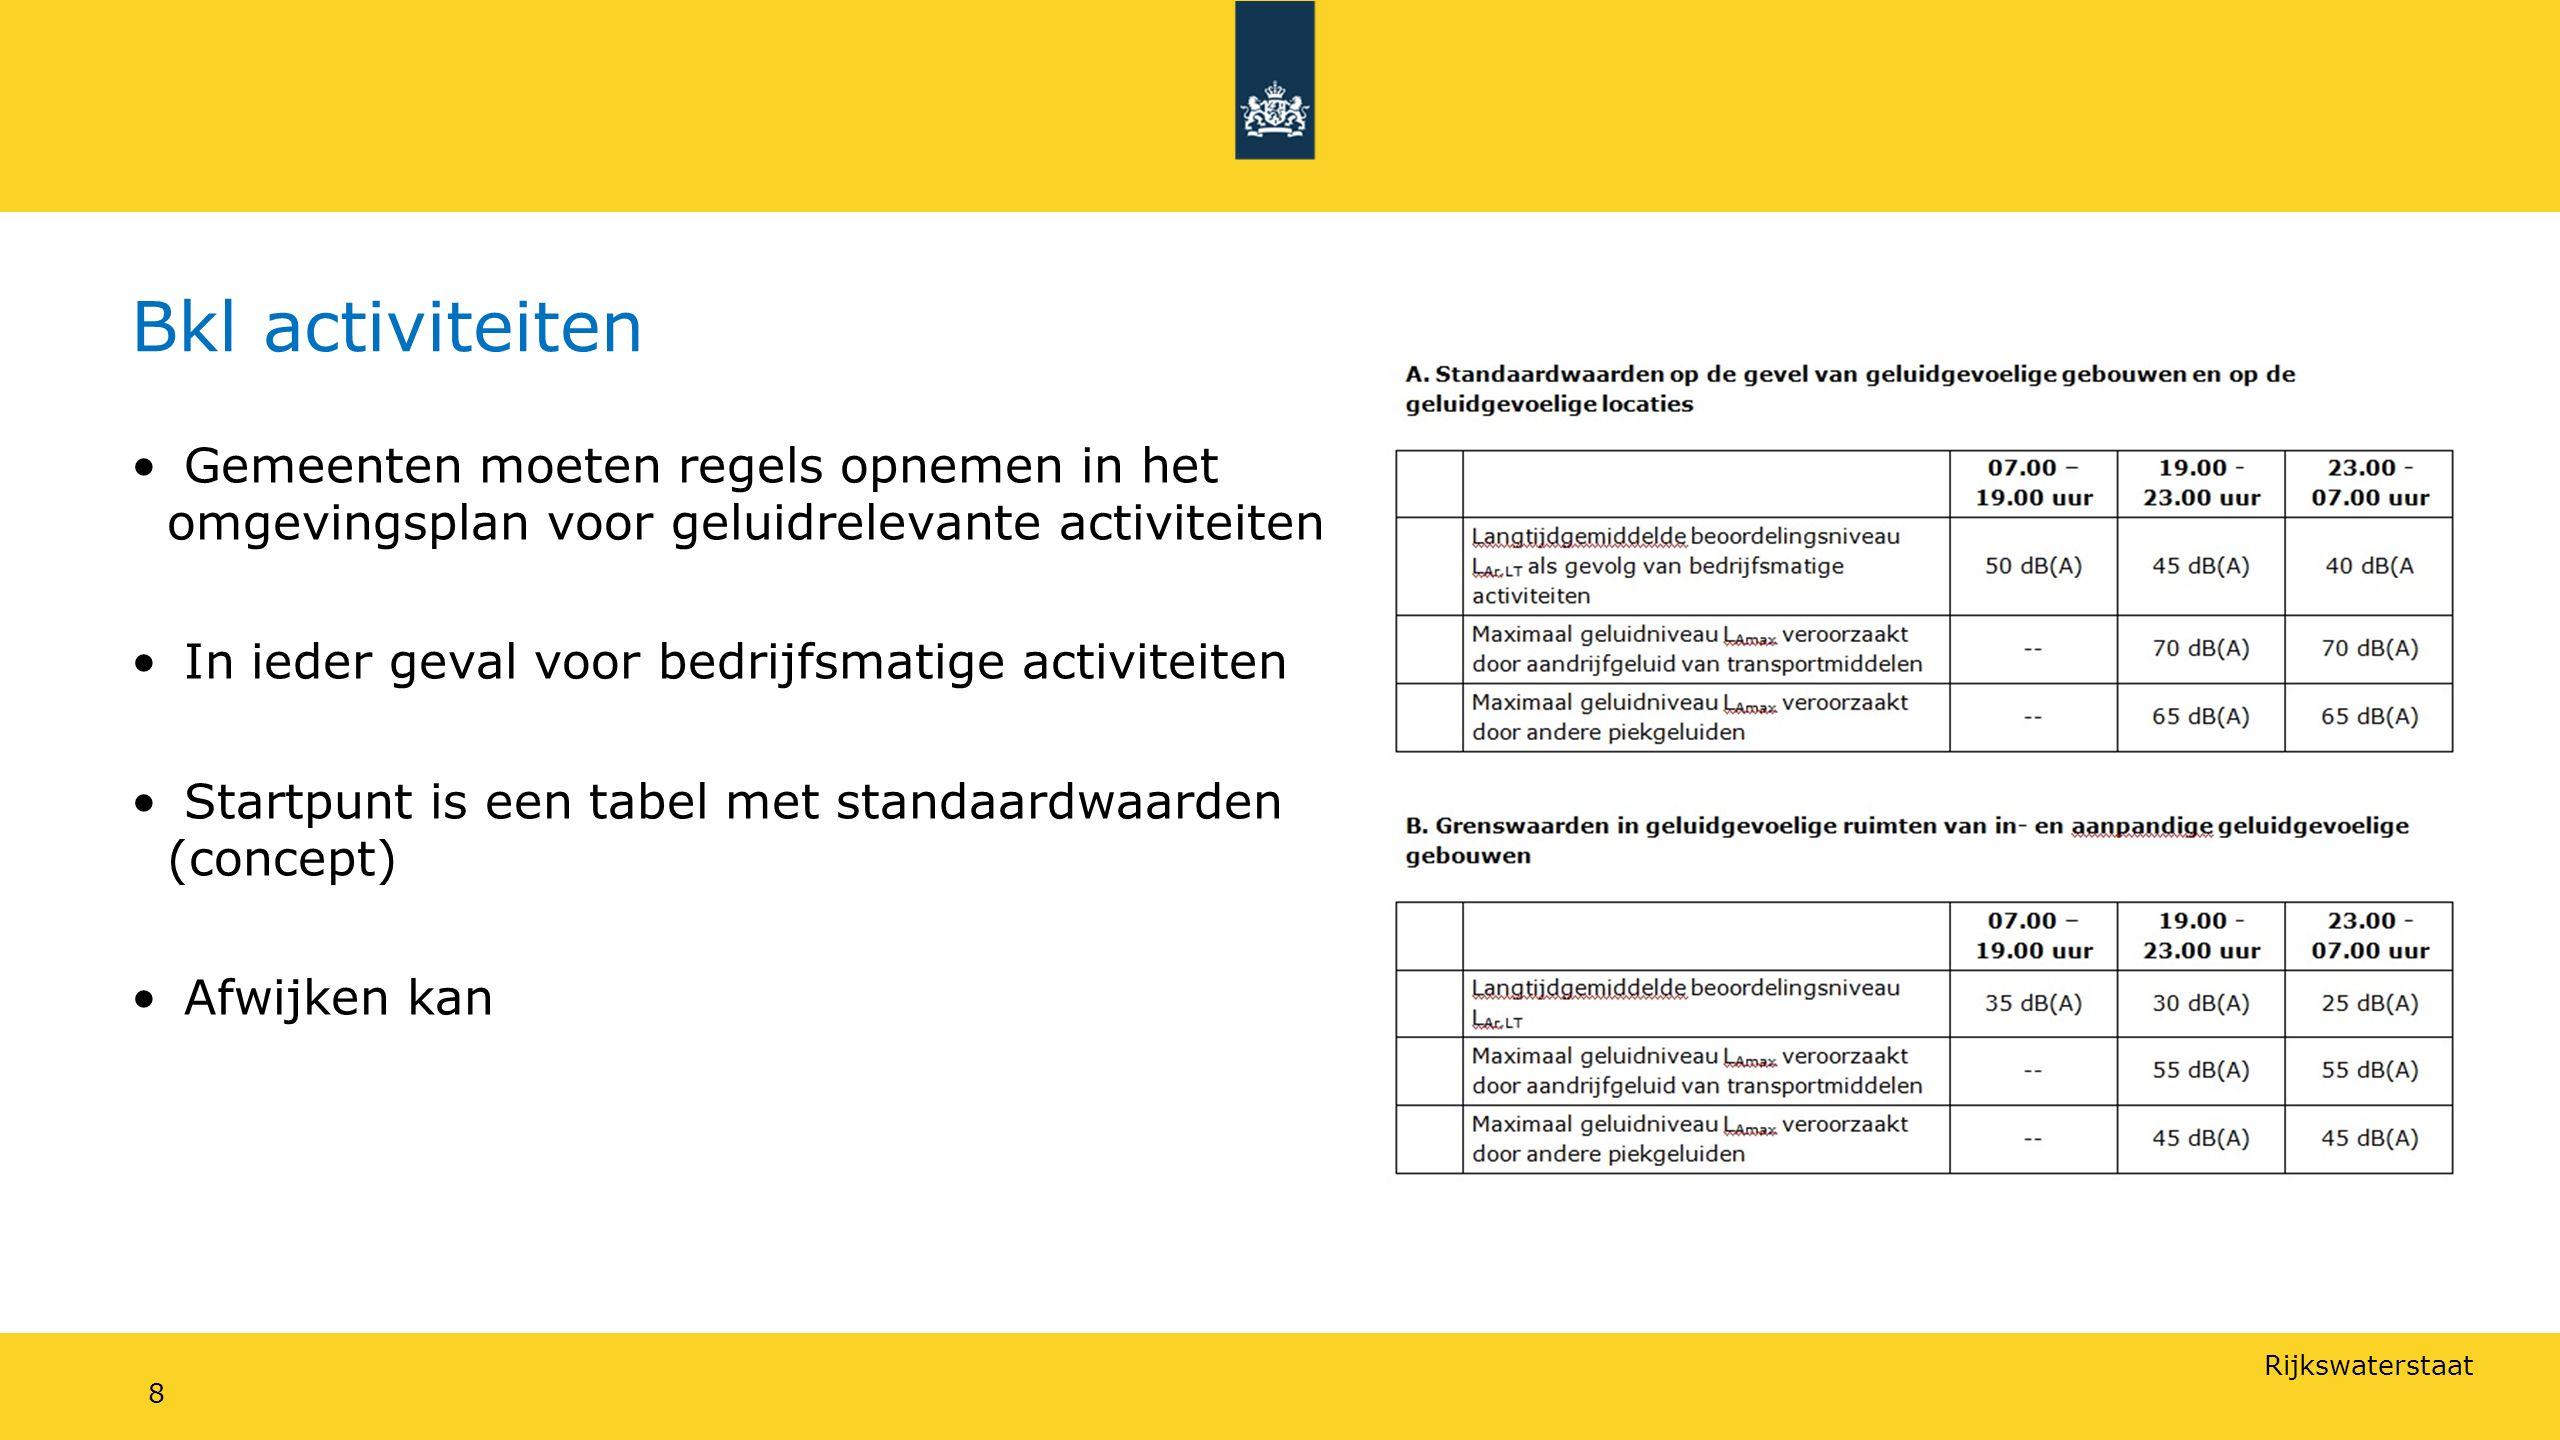 Rijkswaterstaat Bkl activiteiten Gemeenten moeten regels opnemen in het omgevingsplan voor geluidrelevante activiteiten In ieder geval voor bedrijfsmatige activiteiten Startpunt is een tabel met standaardwaarden (concept) Afwijken kan 8